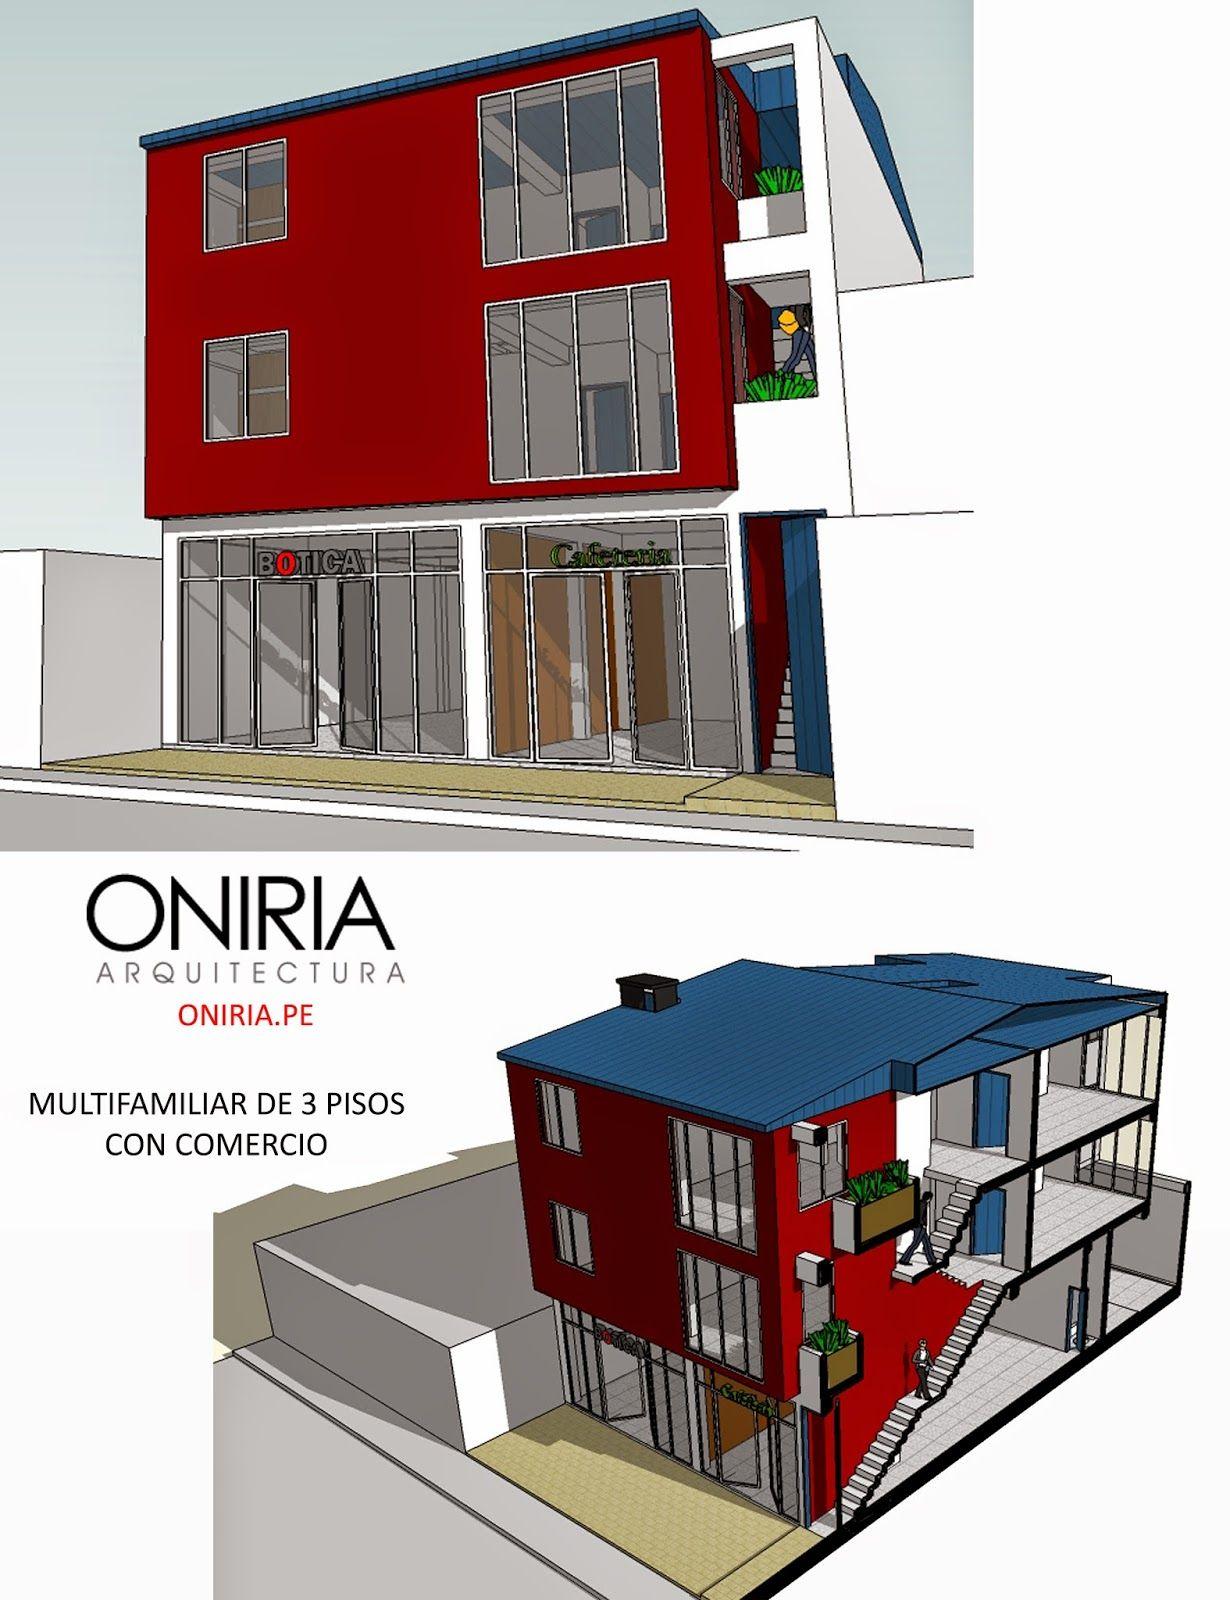 Oniria dise o de viviendas multifamiliares oniria arquitectura pinterest dise o de - Disenos de viviendas ...